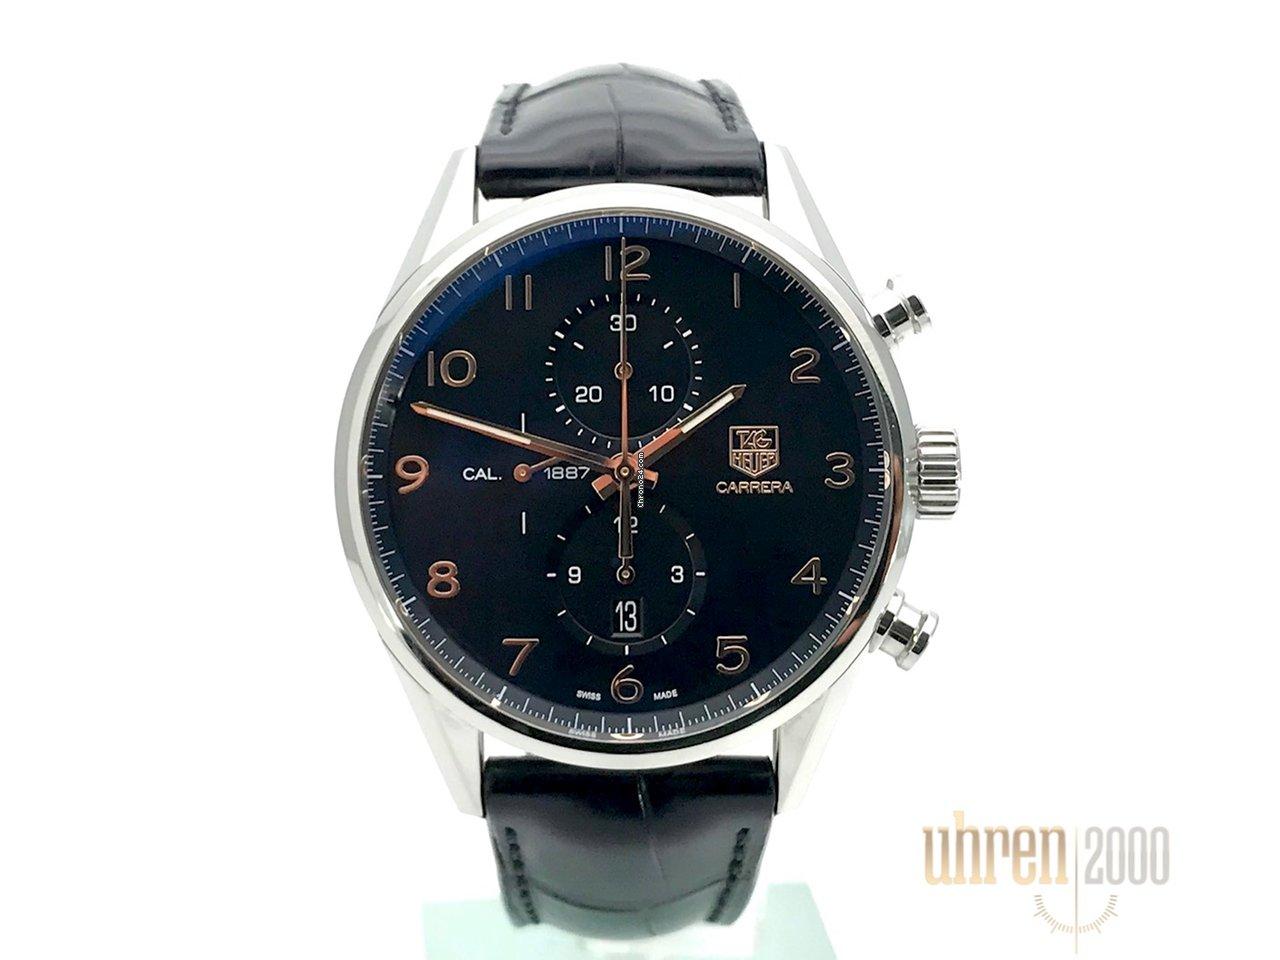 Carrera RefCar2014 Tag Chronograph Heuer Aus fc6235 201 Calibre 1887 SUzMGqVp